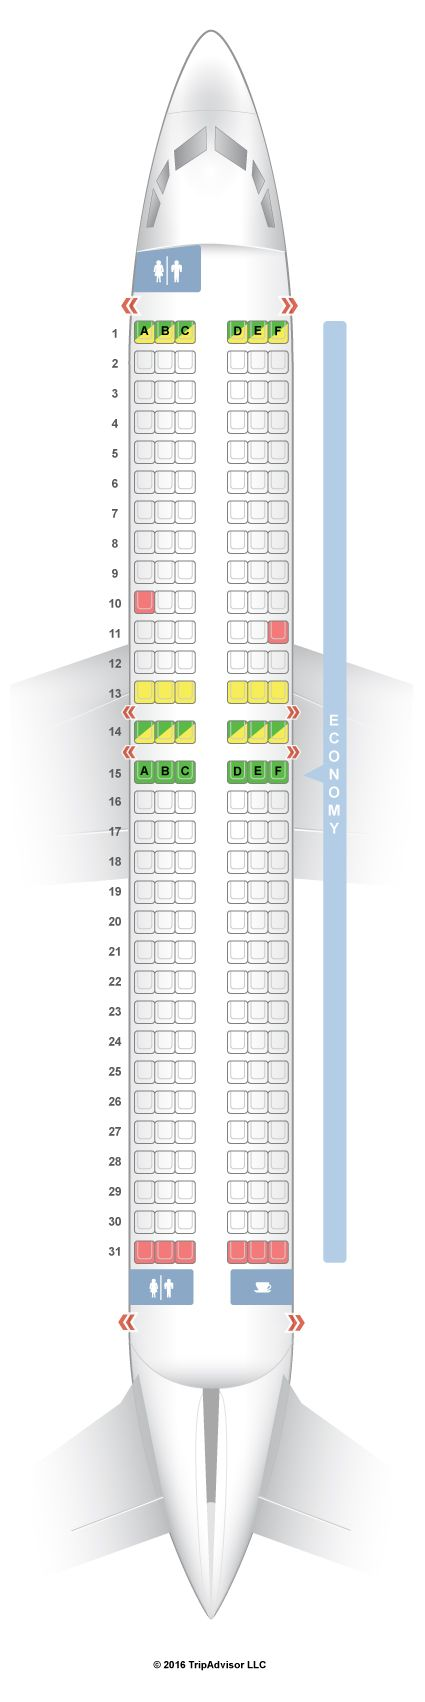 SeatGuru Seat Map Norwegian Air Shuttle Boeing 737-800 (738)